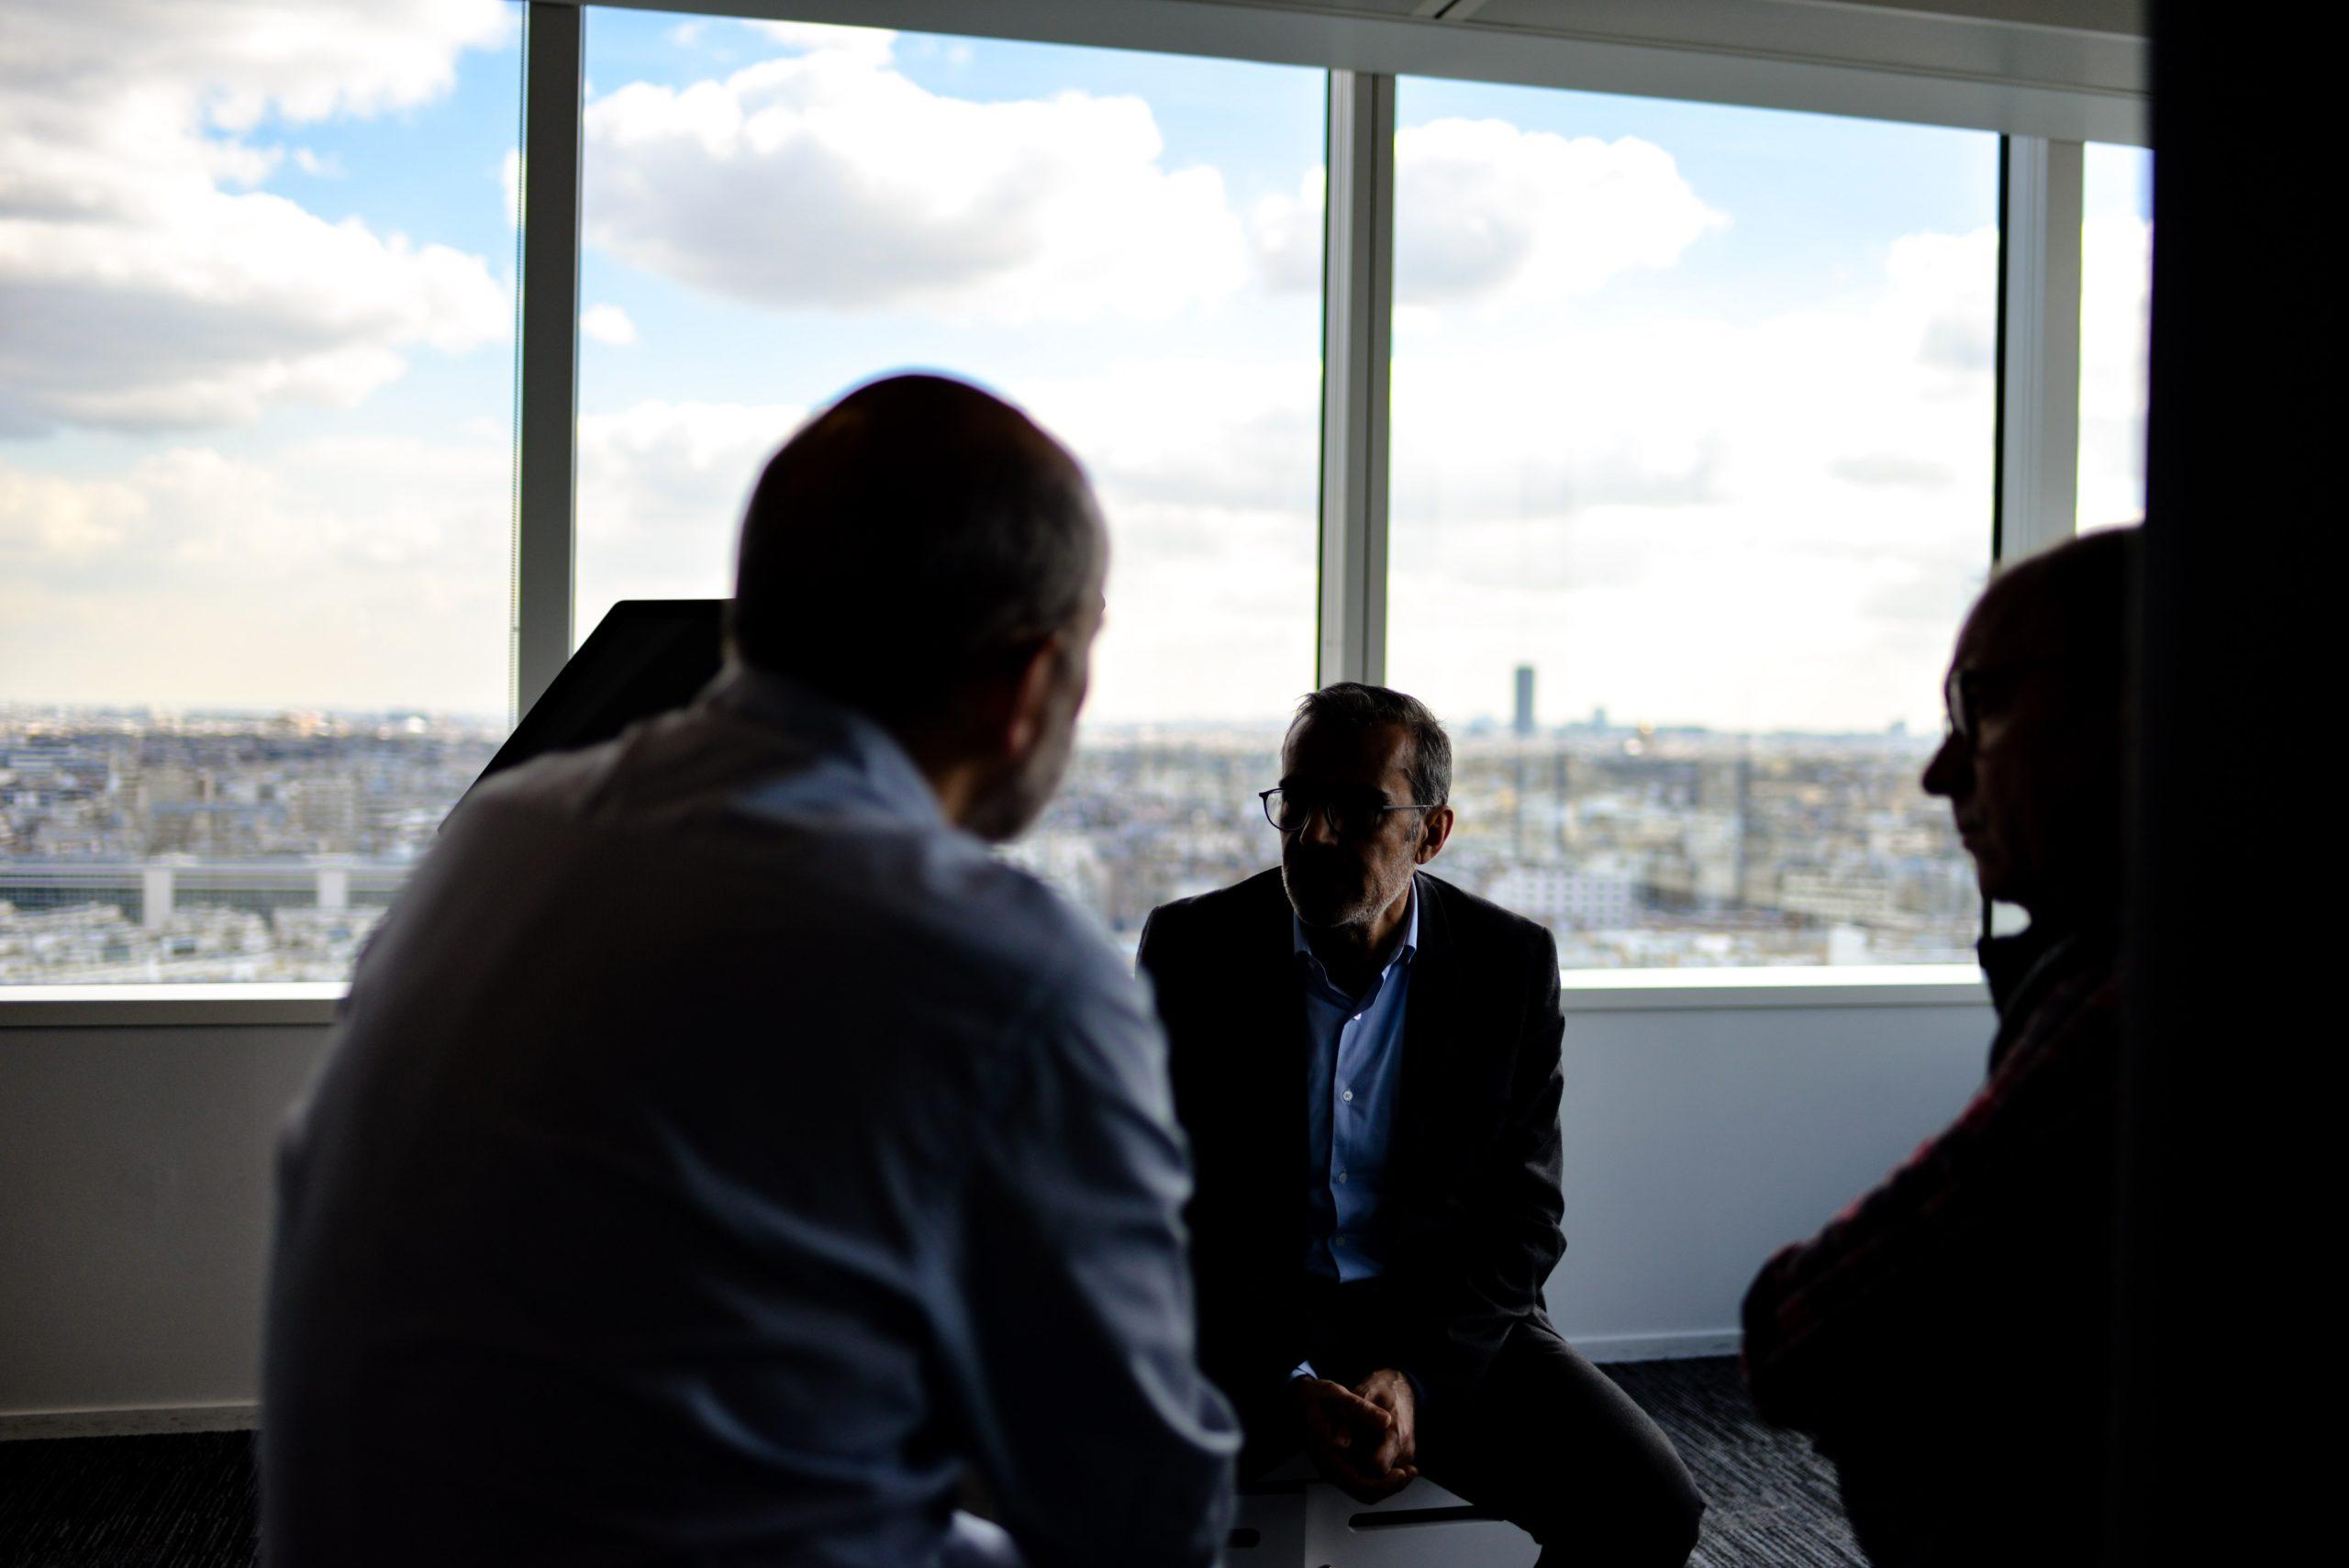 Unidentifizierbare Personen in Büro vor Ausblick auf Großstadt